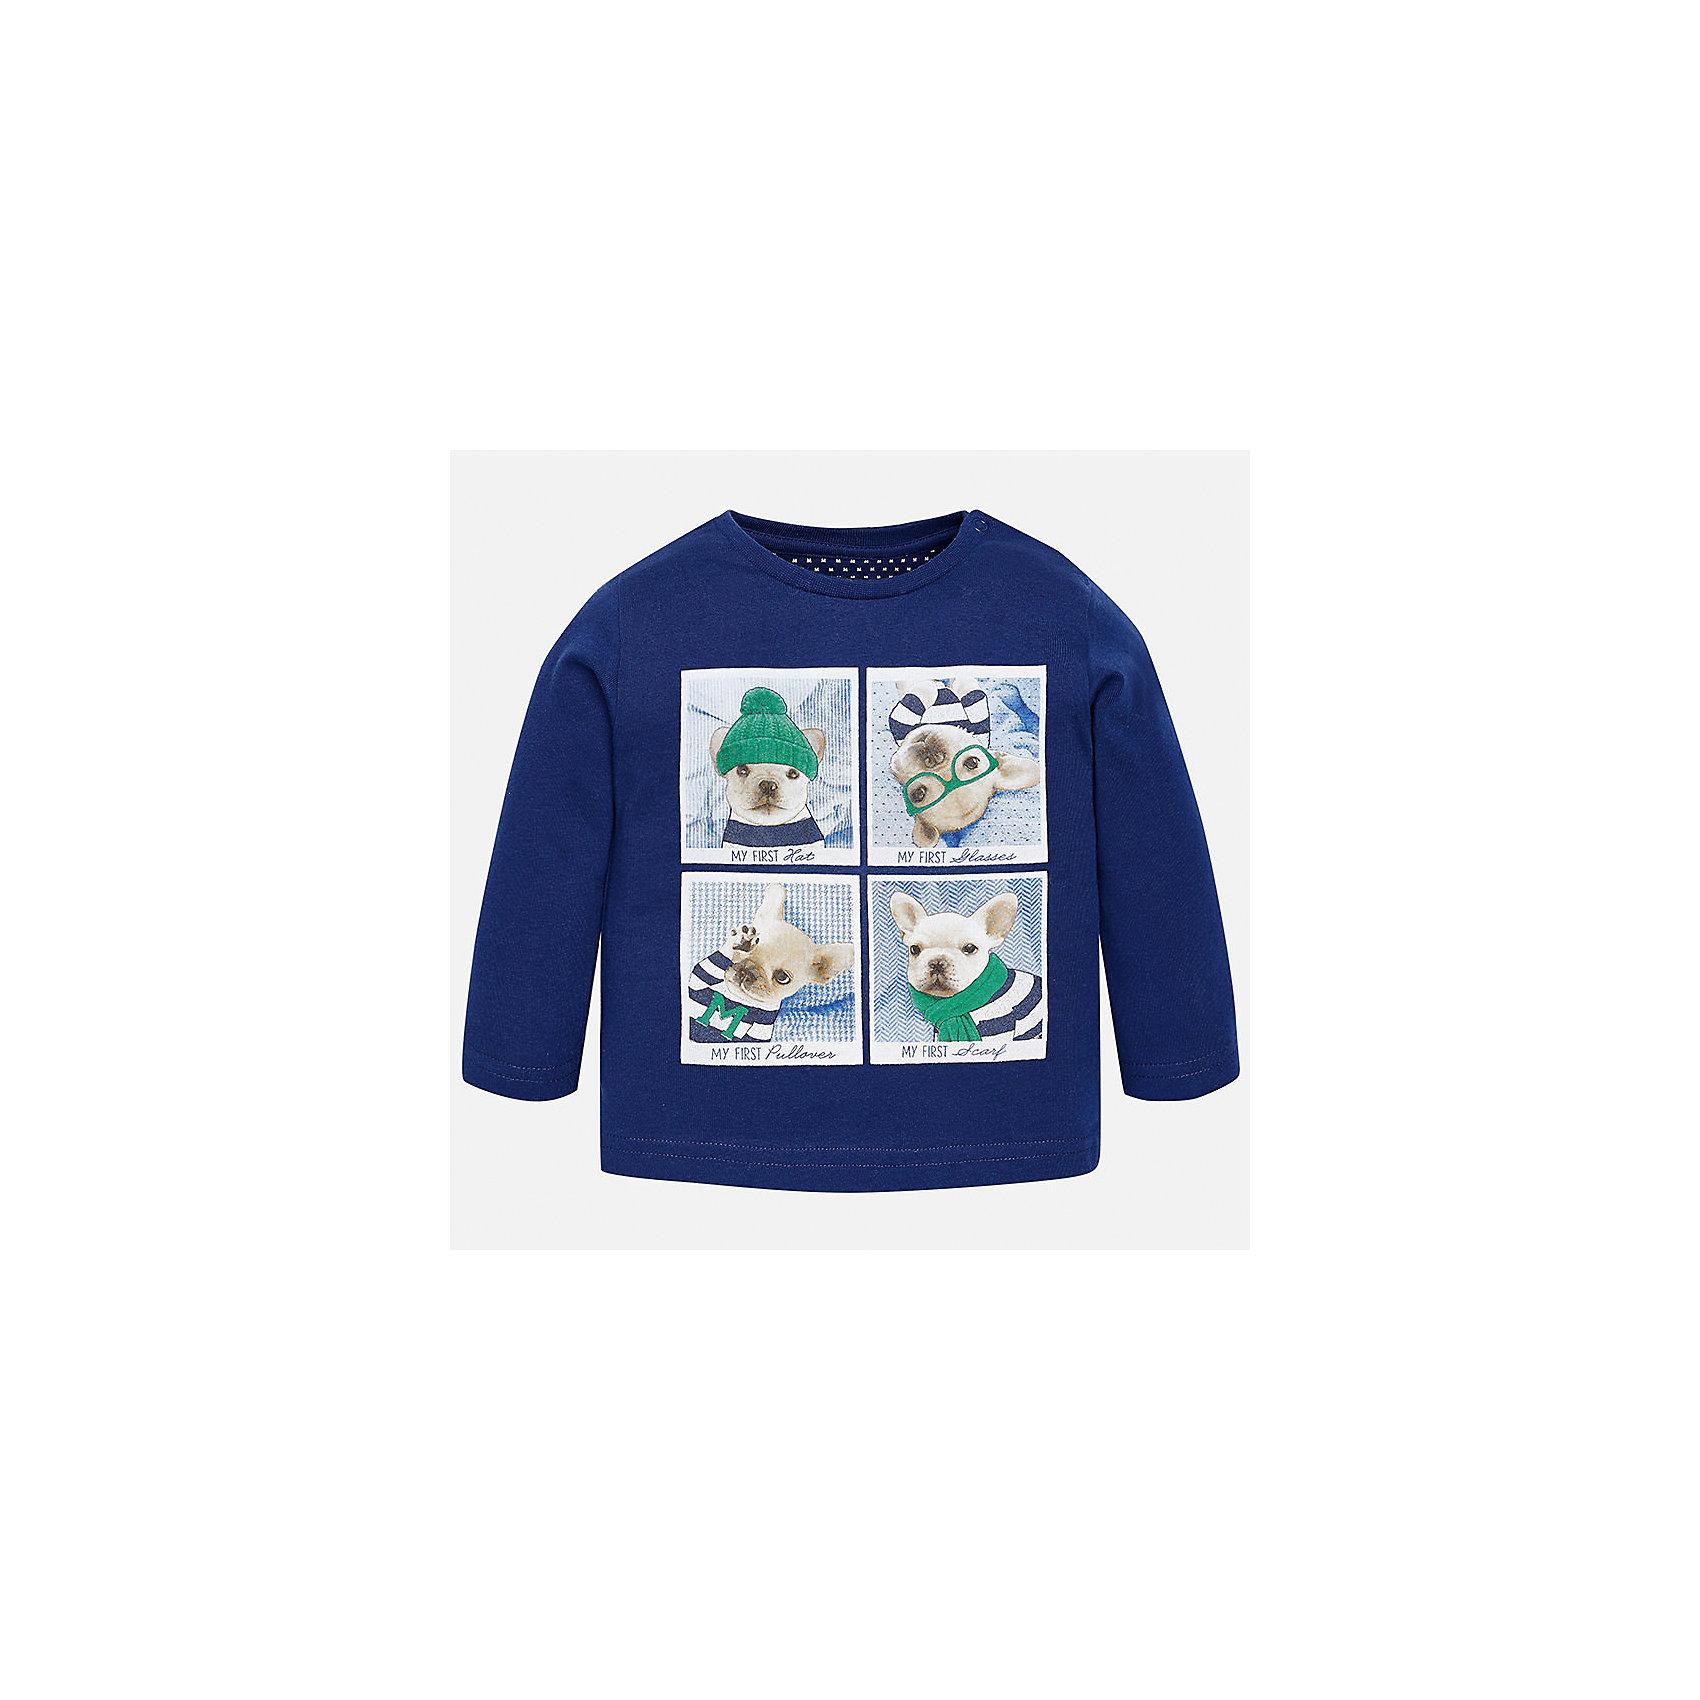 Футболка с длинным рукавом для мальчика MayoralФутболки, топы<br>Характеристики товара:<br><br>• цвет: синий;<br>• состав ткани: 100% хлопок;<br>• длинный рукав;<br>• рисунок: принт;<br>• кнопка на воротнике;<br>• сезон: демисезон;<br>• страна бренда: Испания;<br>• страна изготовитель: Индия.<br><br>Лонгслив для мальчика от популярного бренда Mayoral  выполнен из натурального хлопка, ткань эластичная и приятная на ощупь. Однотонная модель декорирована принтом с изображением забавных песиков, имеет круглый вырез.<br><br>Стильный лонгслив синего цвета дополнен кнопками по плечевому шву для удобства переодевания малыша.  Очень практичный и долгий в носке, цвет не тускнеет, смотрится аккуратно и стильно. Лонгслив идеально подходит для повседневной одежды как дома, так и на прогулку.<br><br>Для производства детской одежды популярный бренд Mayoral используют только качественную фурнитуру и материалы. Оригинальные и модные вещи от Майорал неизменно привлекают внимание и нравятся детям.<br><br>Лонгслив для мальчика Mayoral (Майорал) можно купить в нашем интернет-магазине.<br><br>Ширина мм: 230<br>Глубина мм: 40<br>Высота мм: 220<br>Вес г: 250<br>Цвет: синий<br>Возраст от месяцев: 6<br>Возраст до месяцев: 9<br>Пол: Мужской<br>Возраст: Детский<br>Размер: 74,98,92,86,80<br>SKU: 6932326